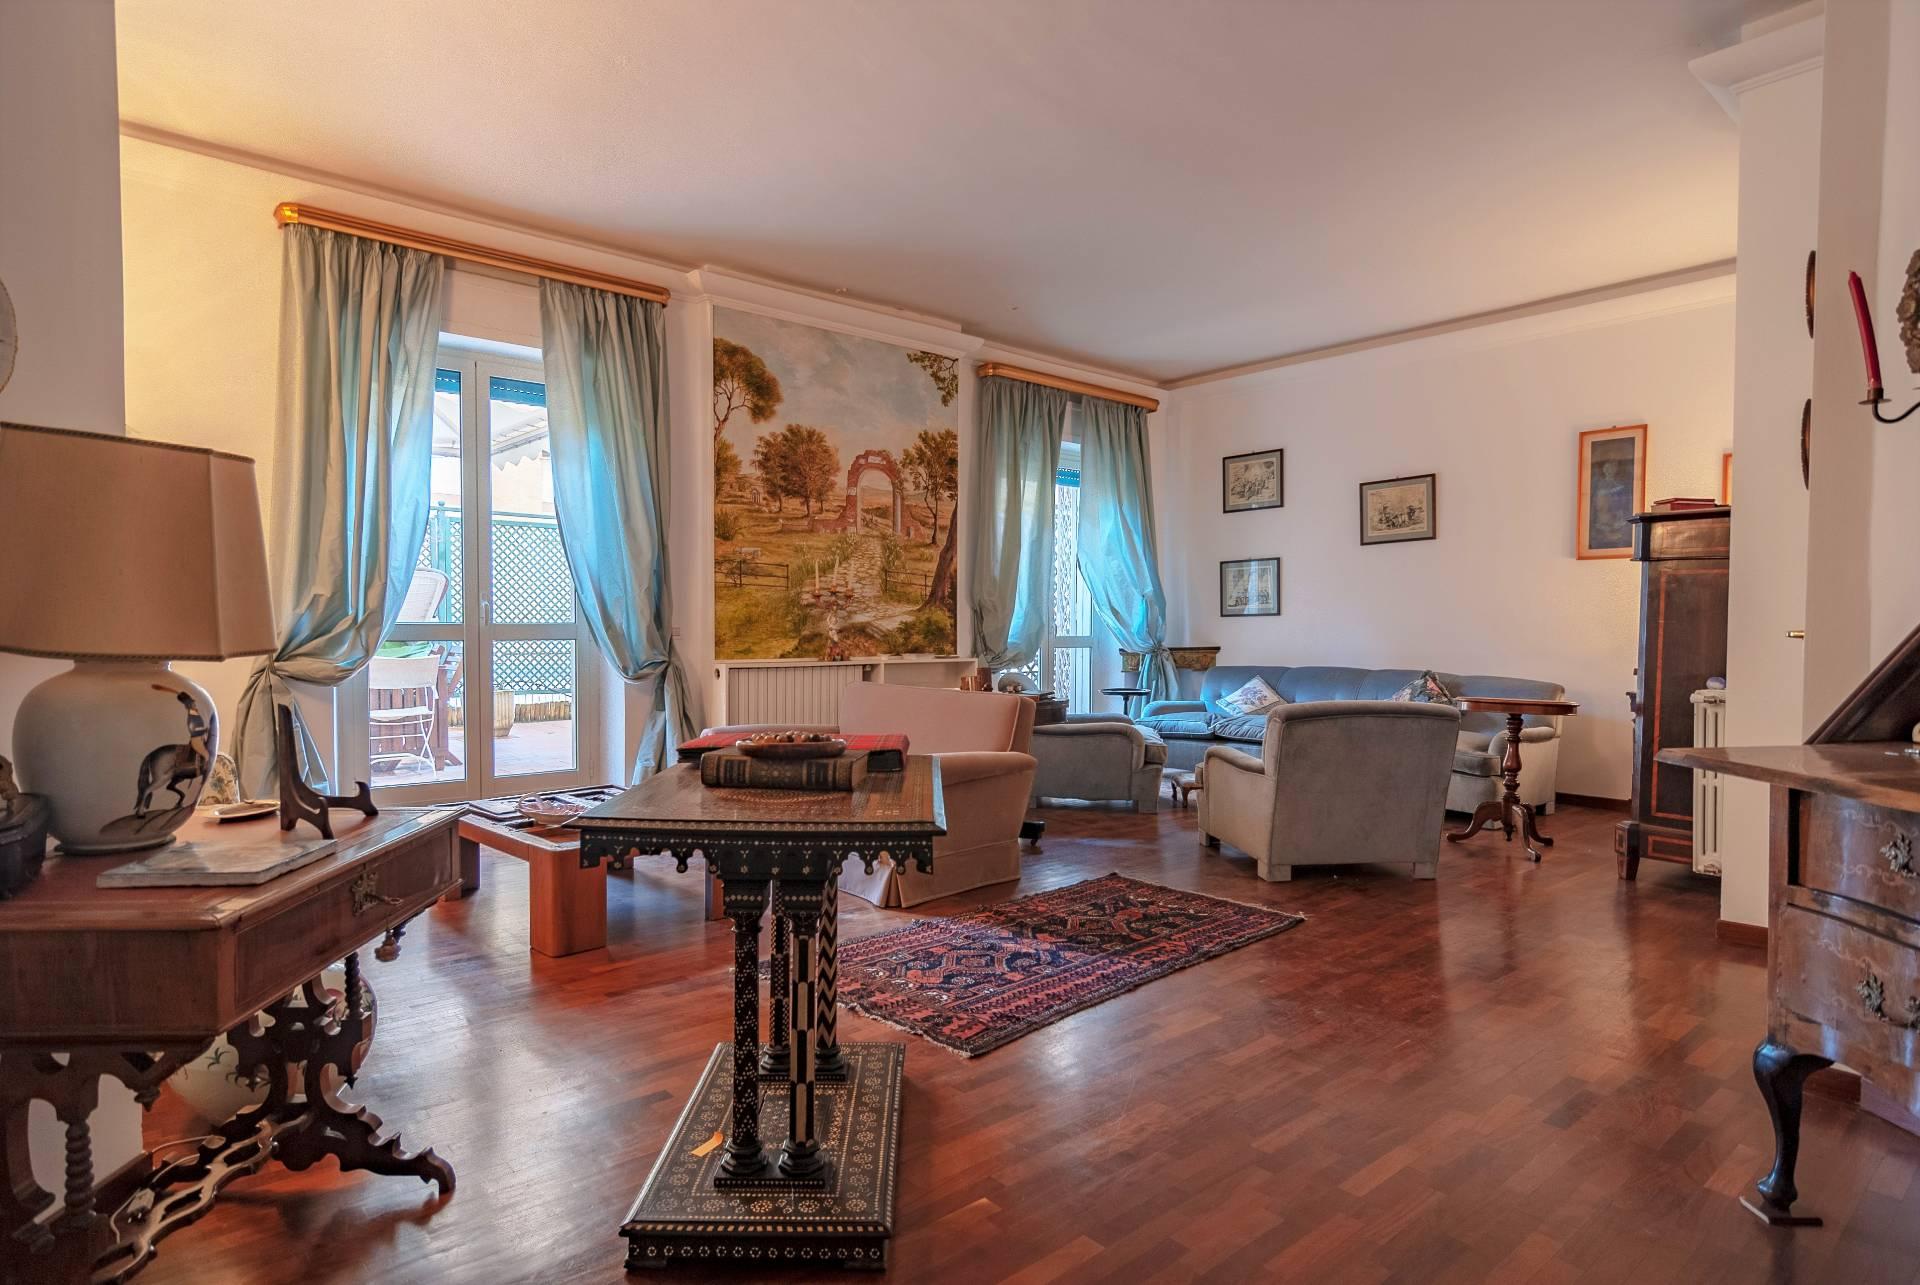 Appartamento in vendita a Viterbo, 5 locali, zona Località: LaQuercia, prezzo € 270.000 | CambioCasa.it